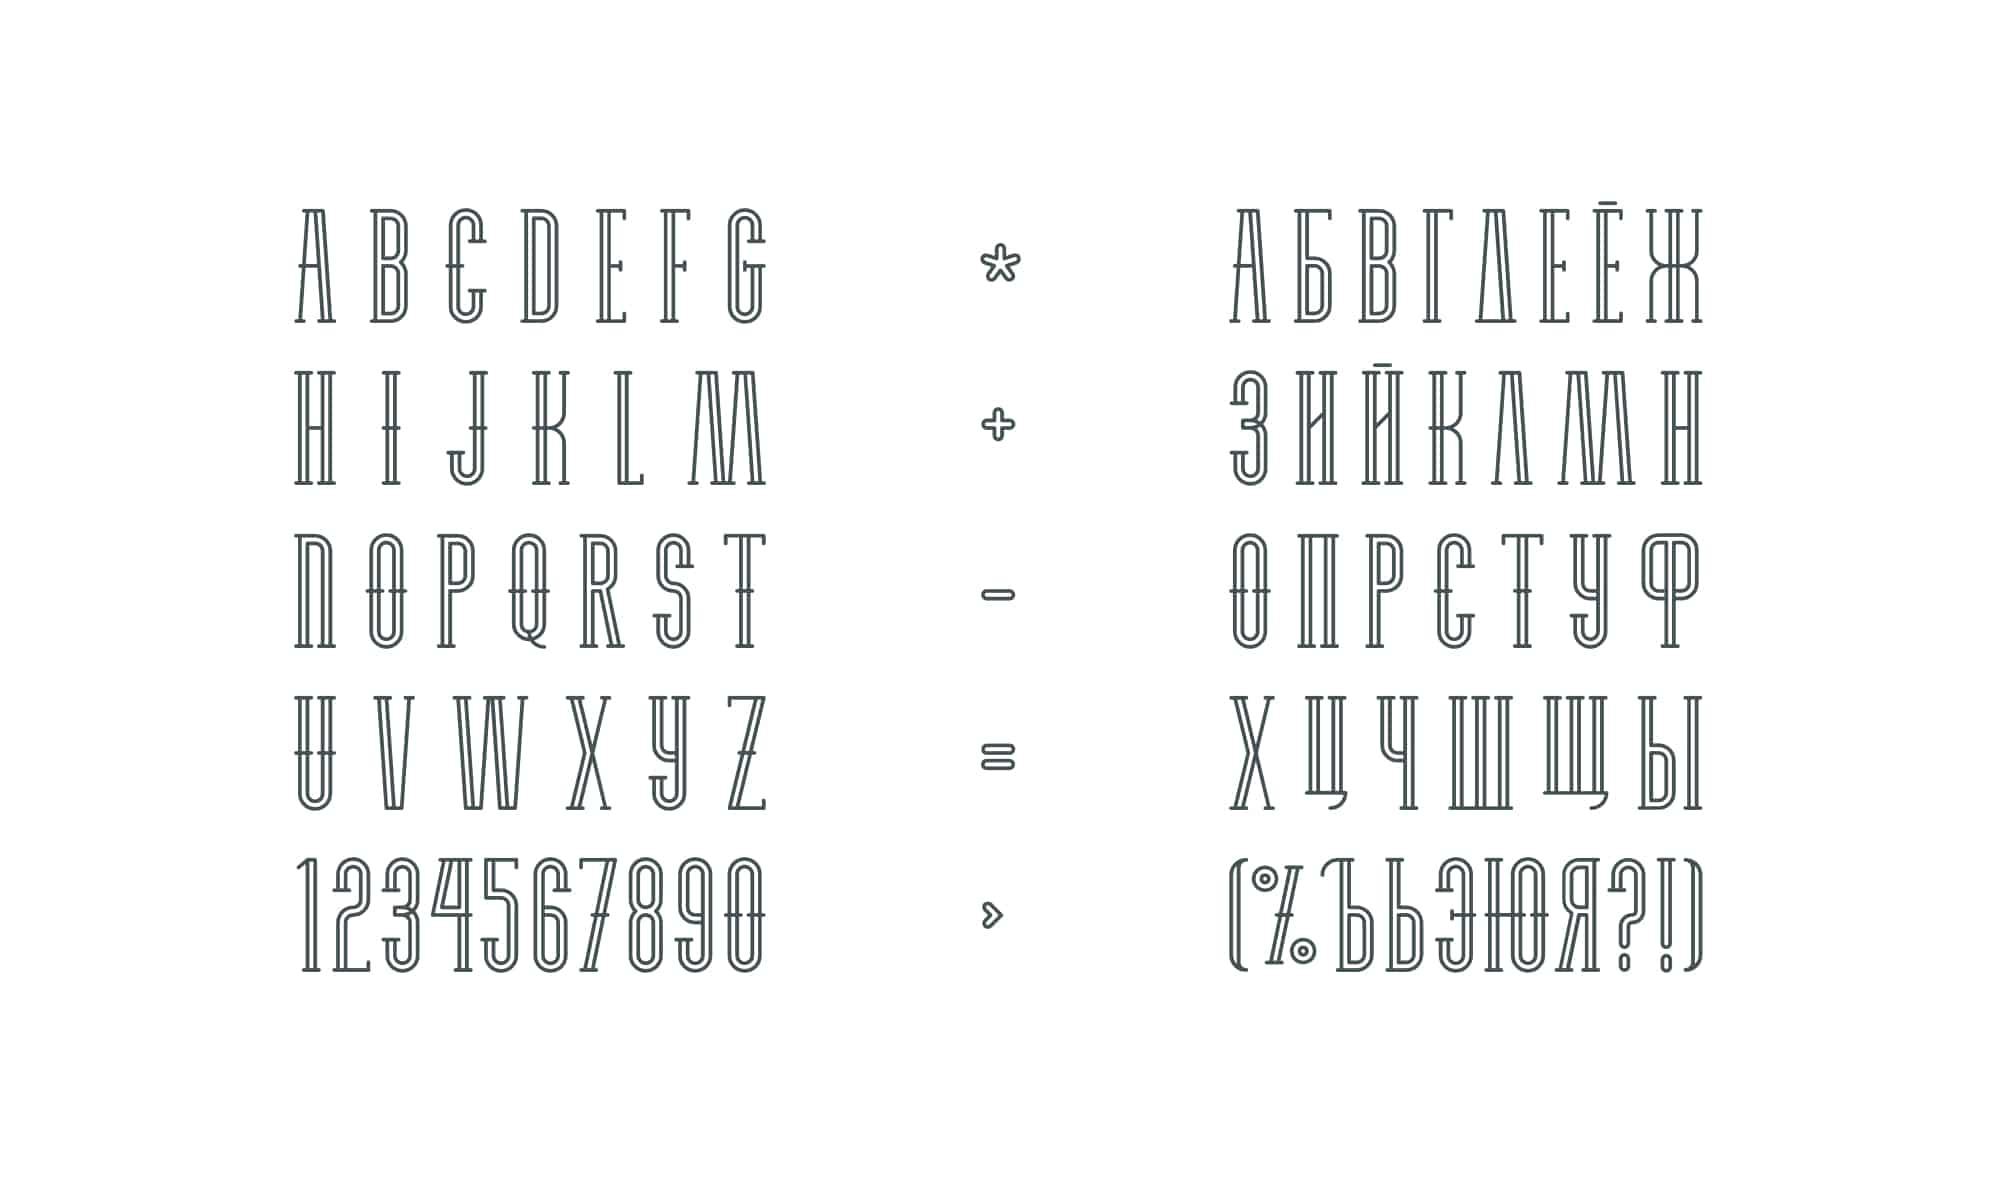 Download DEUX font (typeface)